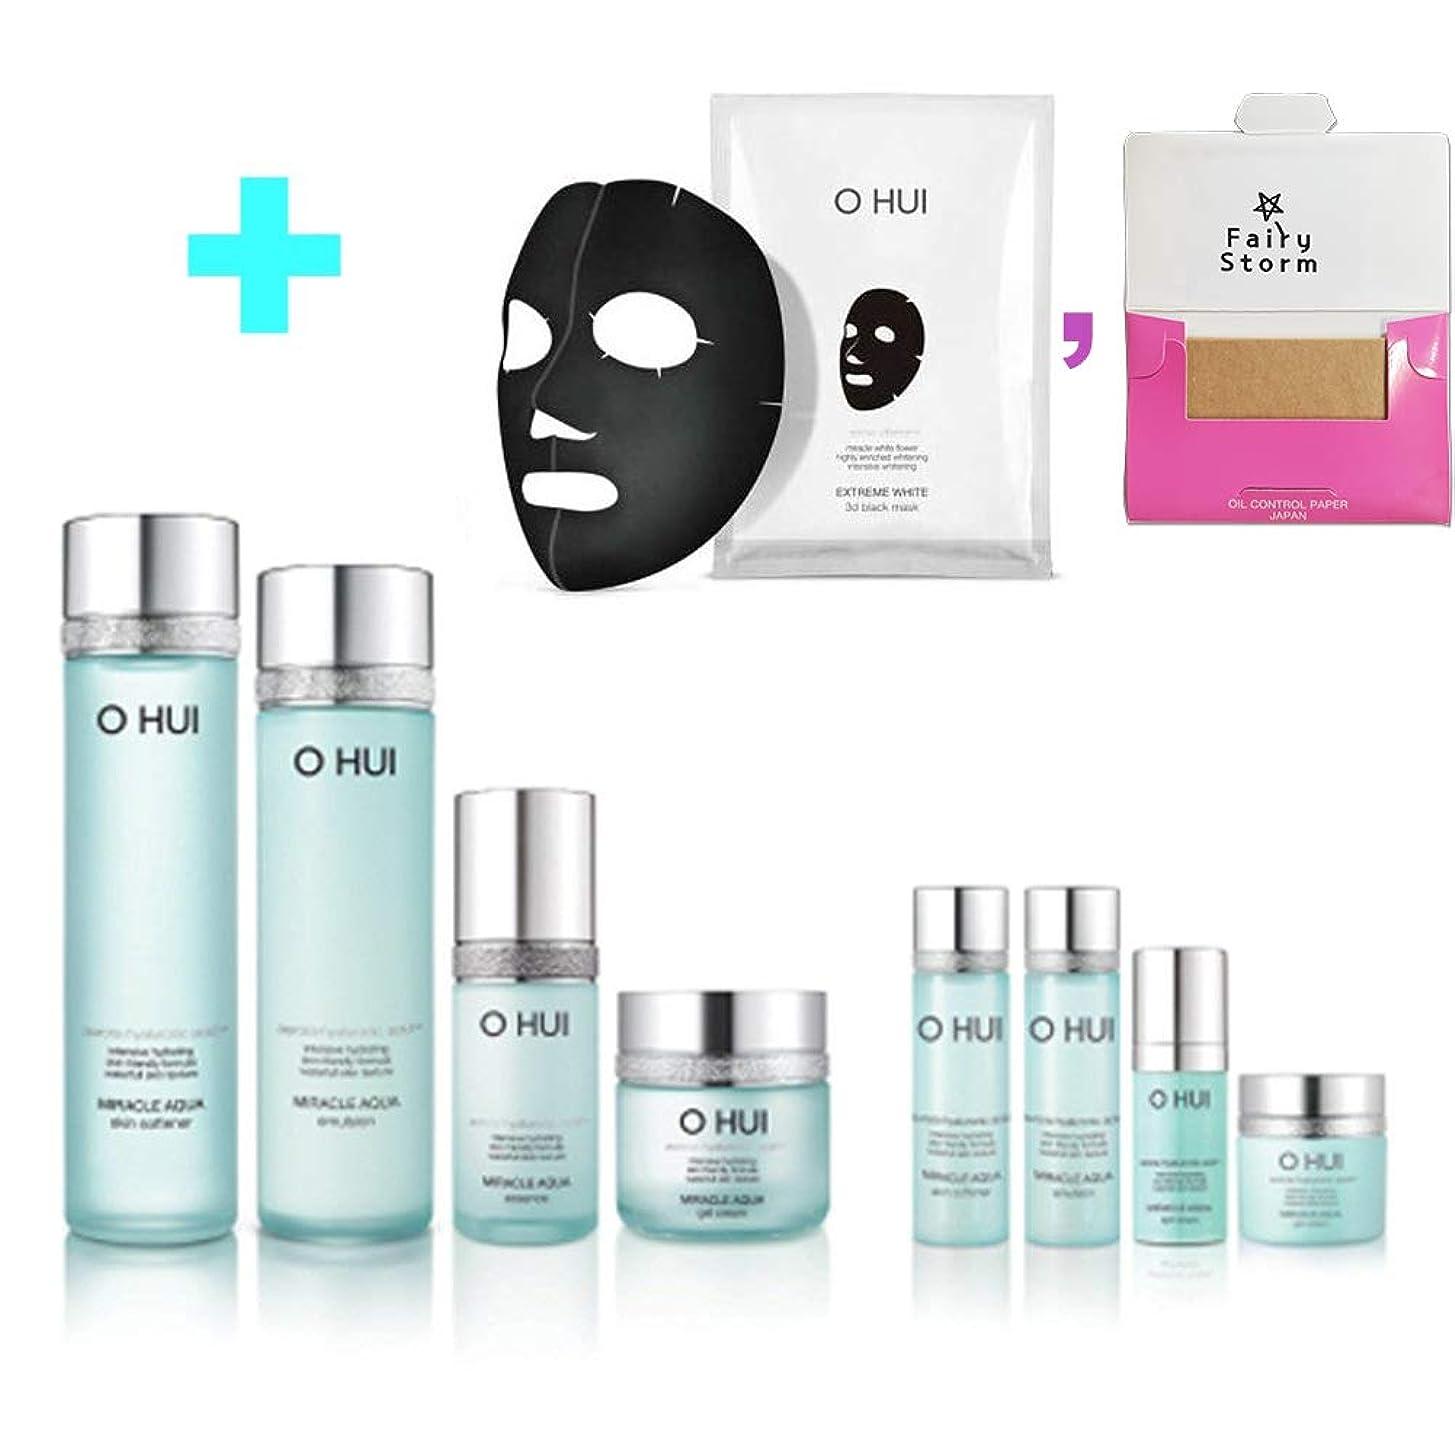 ドロー小さい収束[オフィ/O HUI]韓国化粧品 LG生活健康/O HUI MIRACLE AQUA SPECIAL SET/ミラクル アクア 4種セット + [Sample Gift](海外直送品)